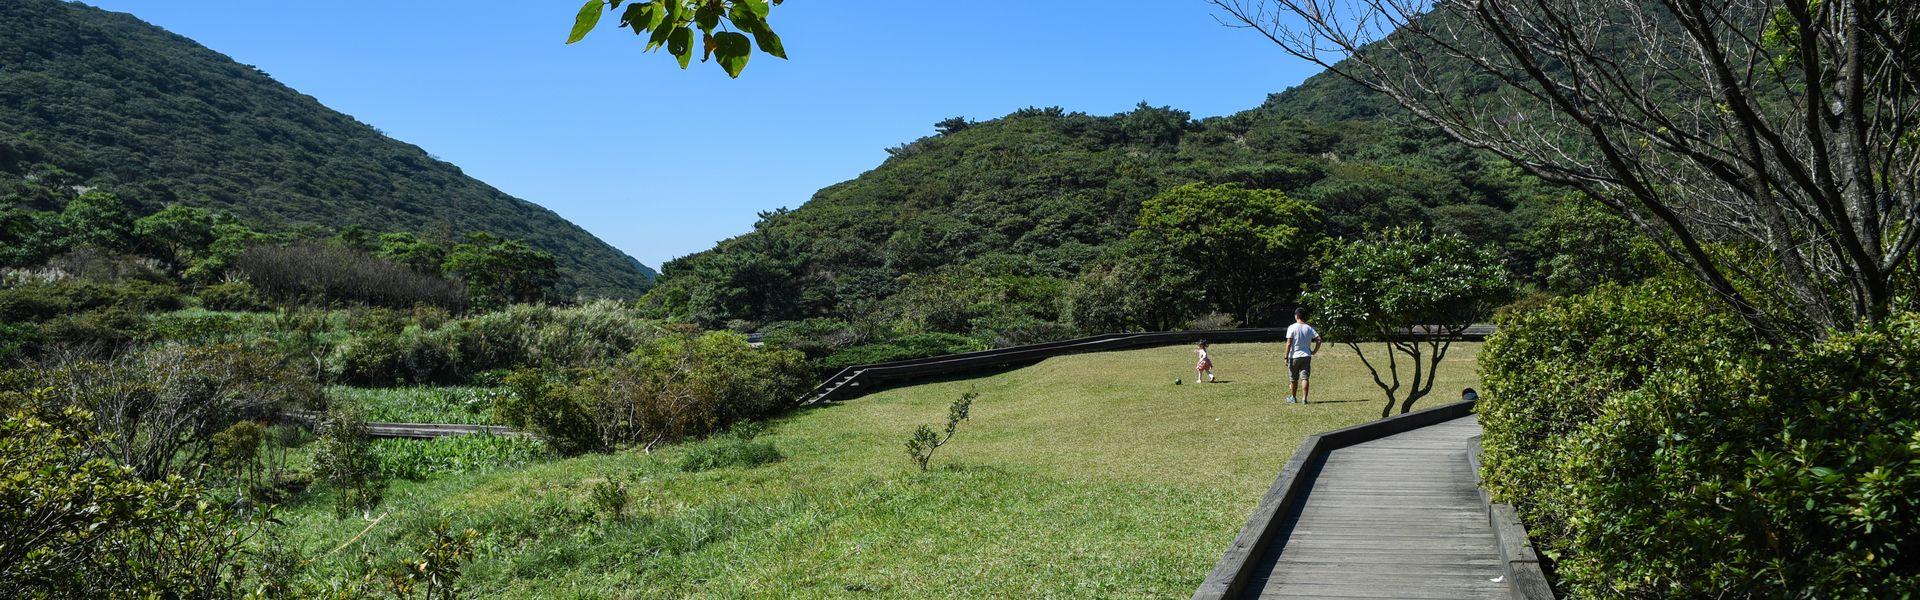 陽明山・大屯自然公園——踏青野餐山林樂